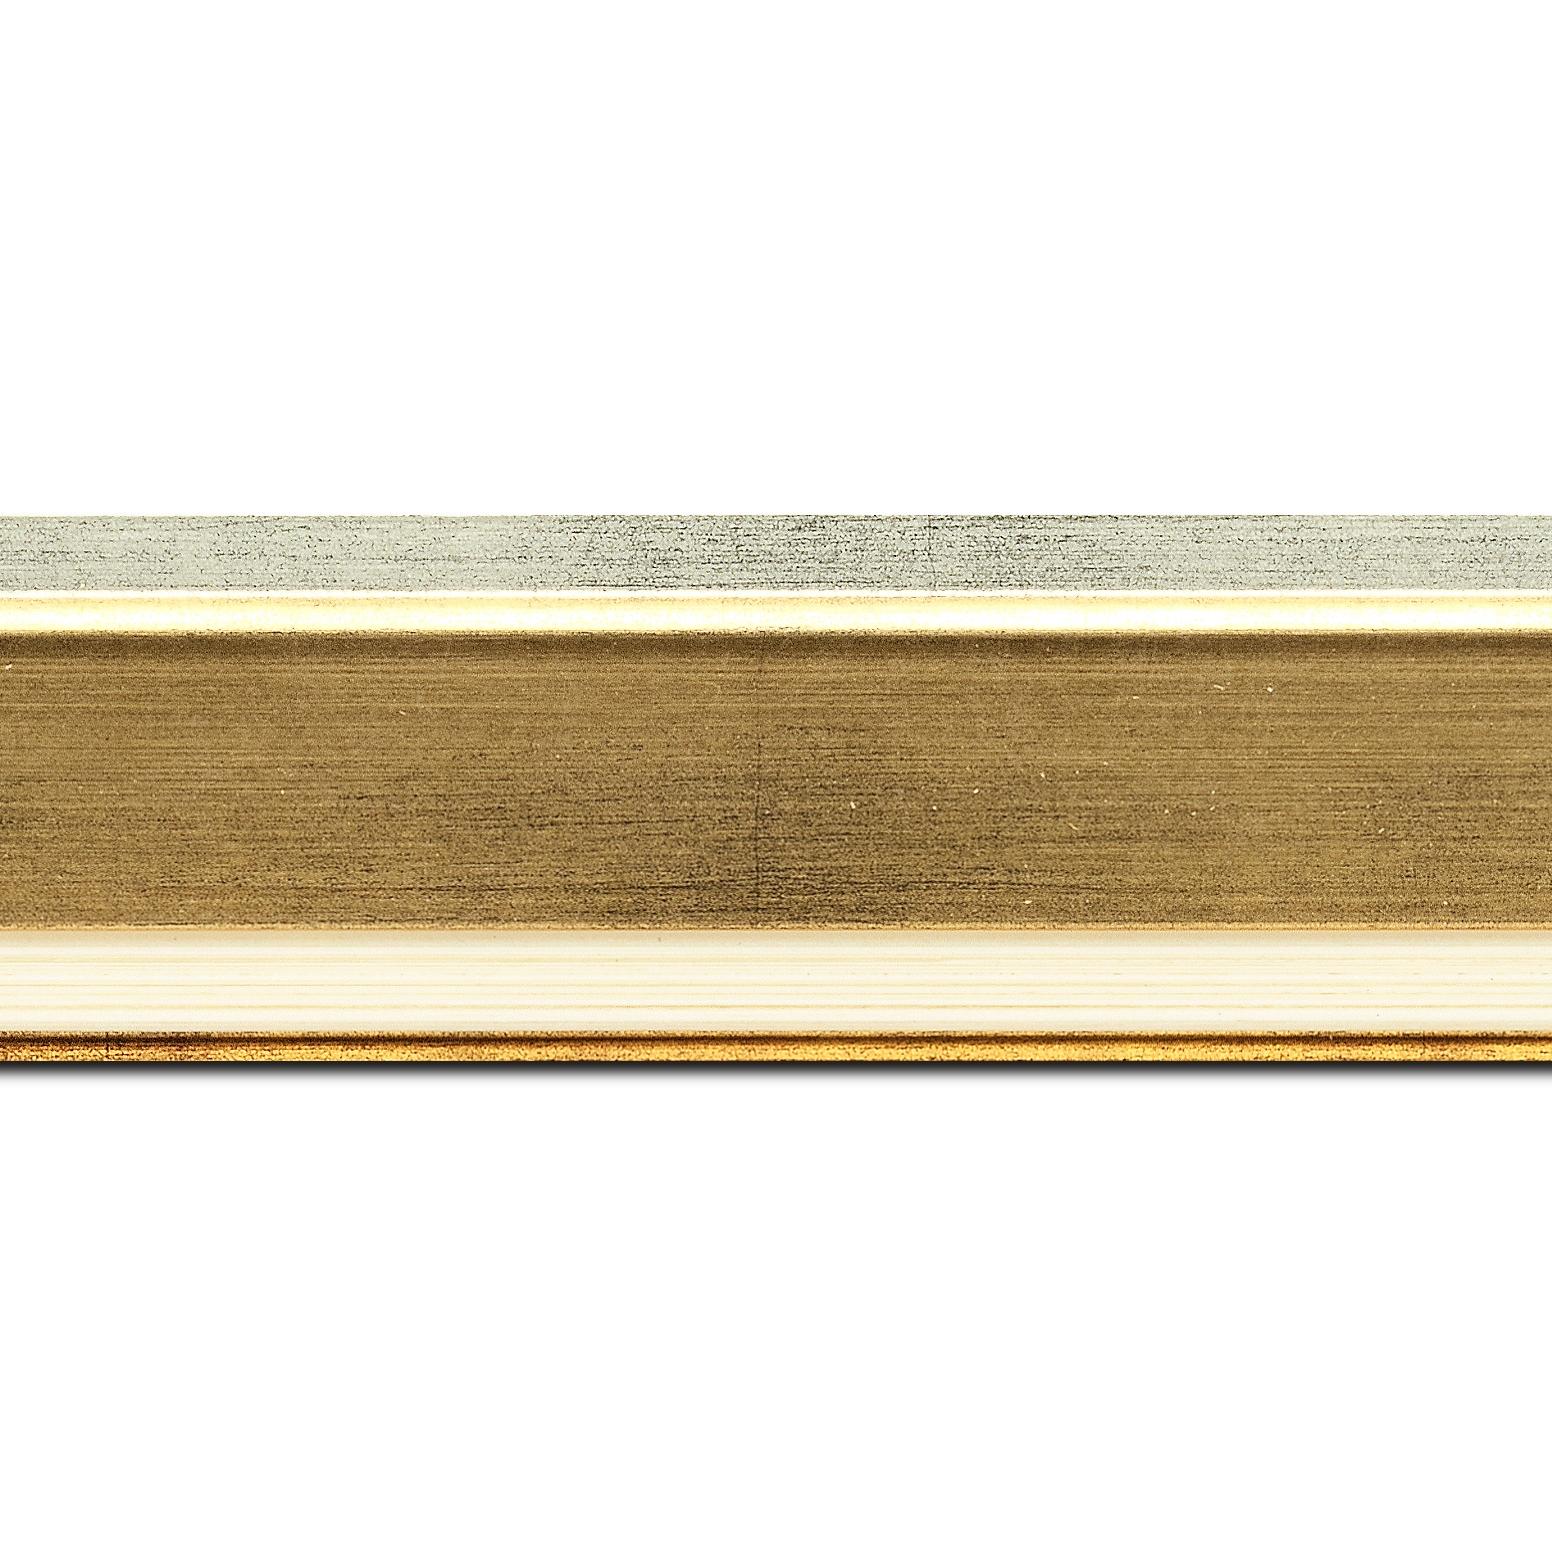 Pack par 12m, bois profil incliné largeur 5.4cm or bord extérieur argent marie louise crème filet argent intégrée(longueur baguette pouvant varier entre 2.40m et 3m selon arrivage des bois)